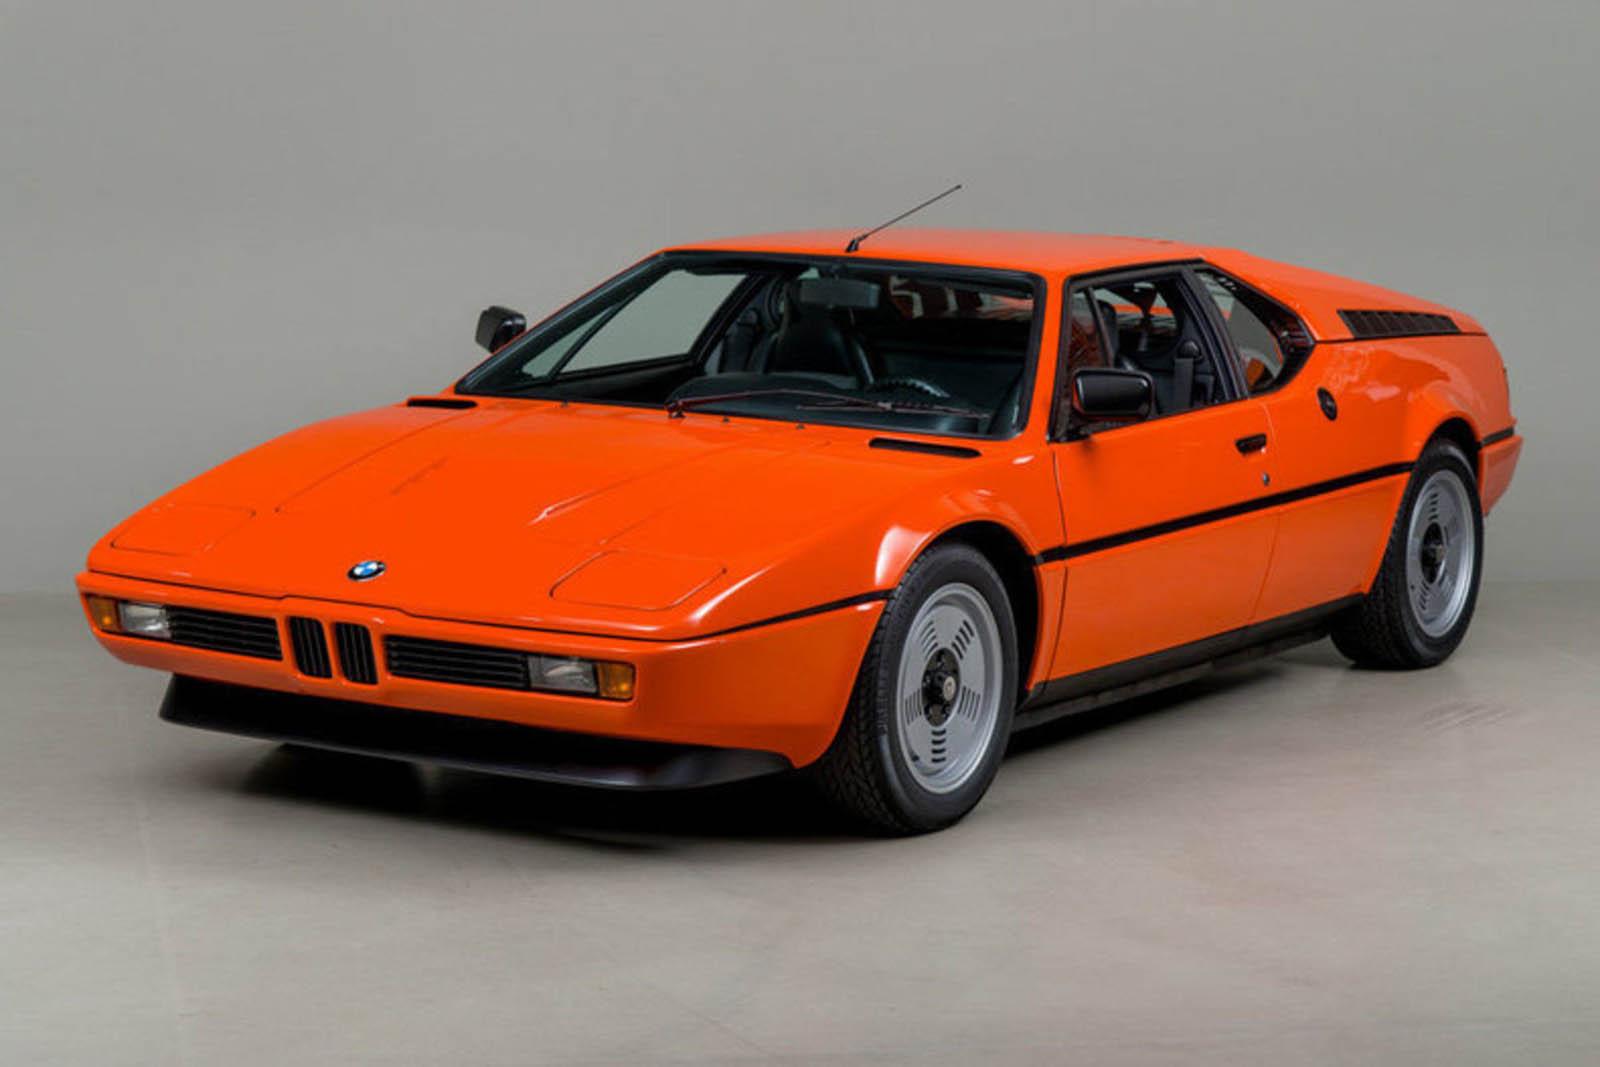 giugiaro BMW M1 shopforcovers